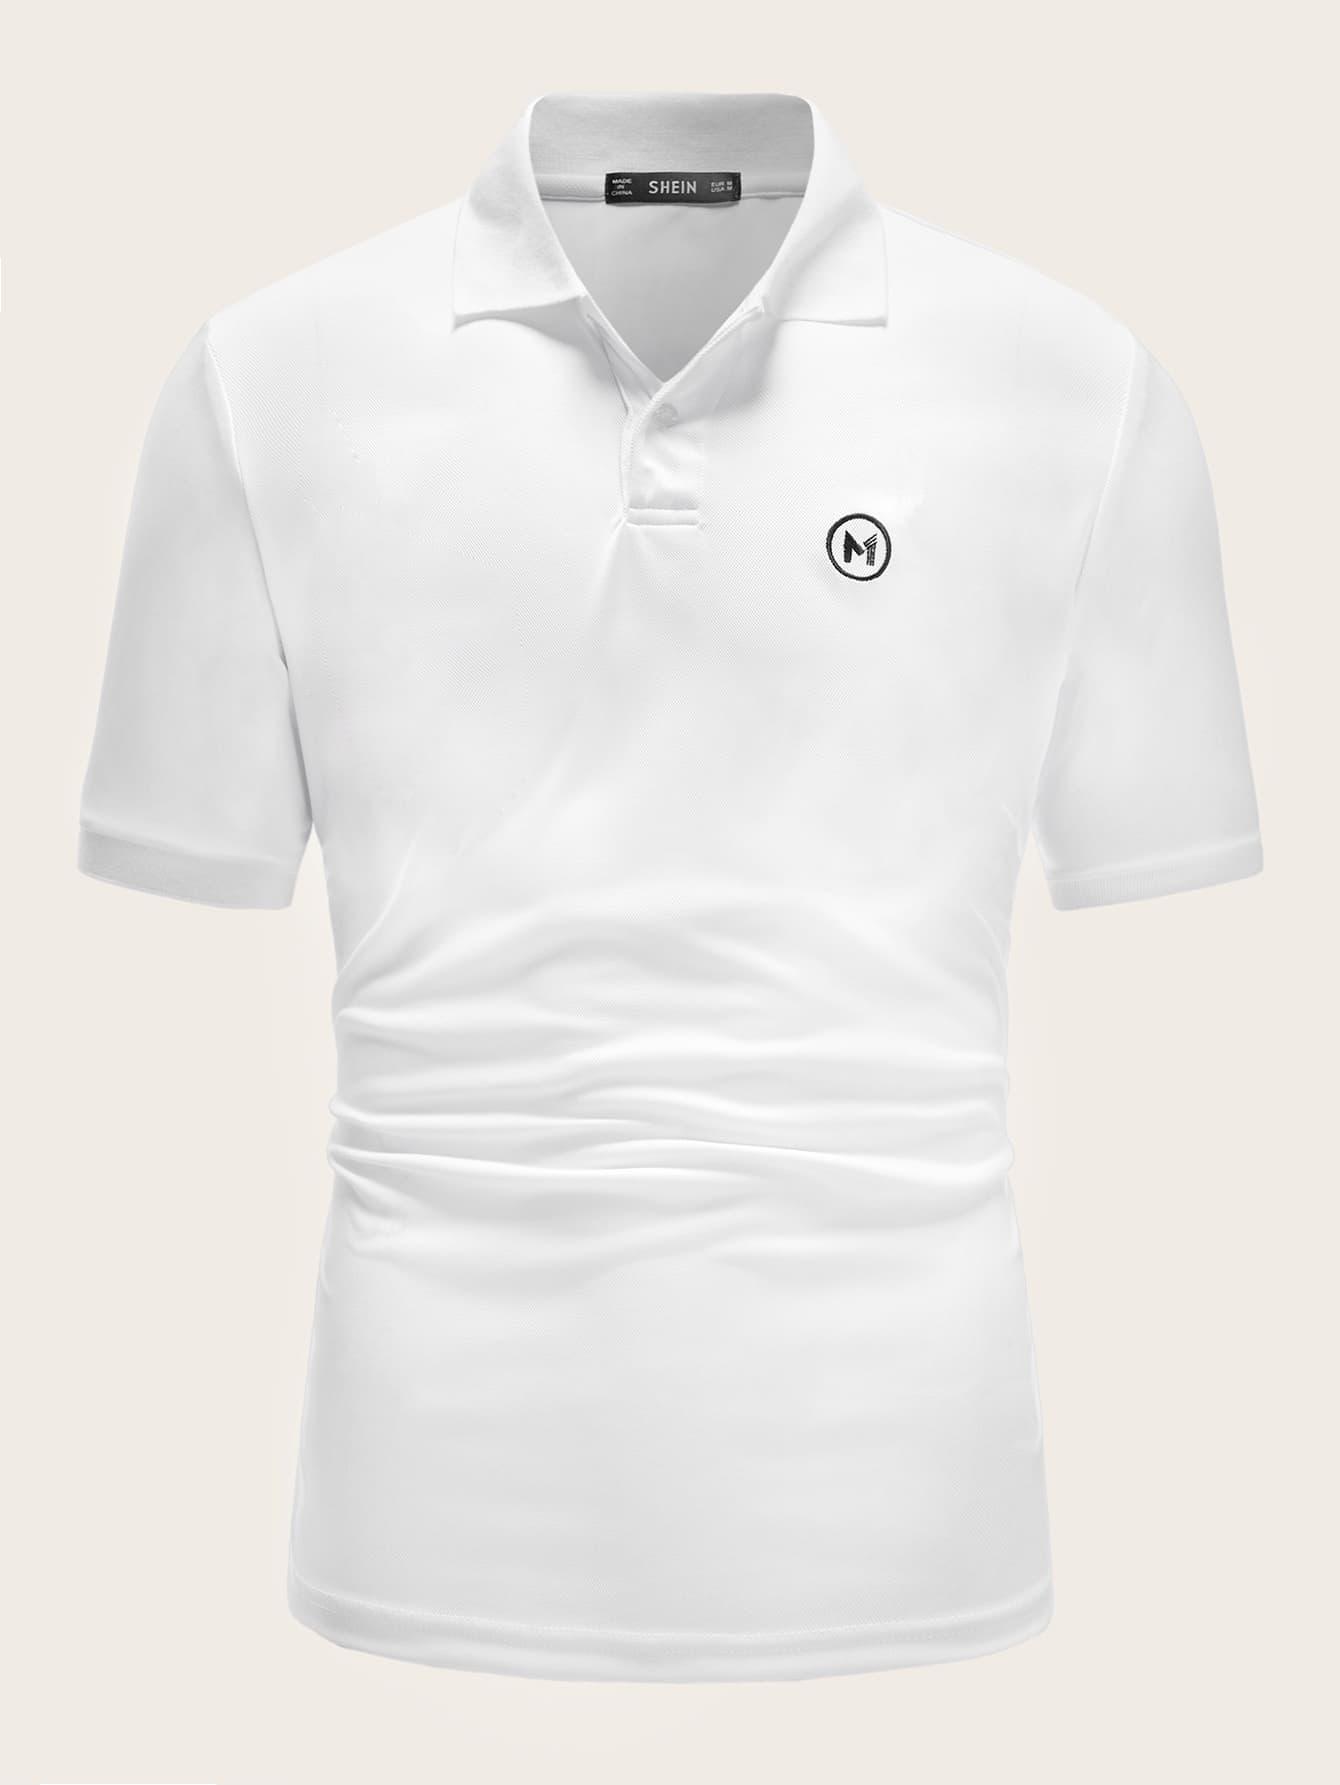 Фото - Мужская рубашка-поло с вышивкой от SheIn белого цвета